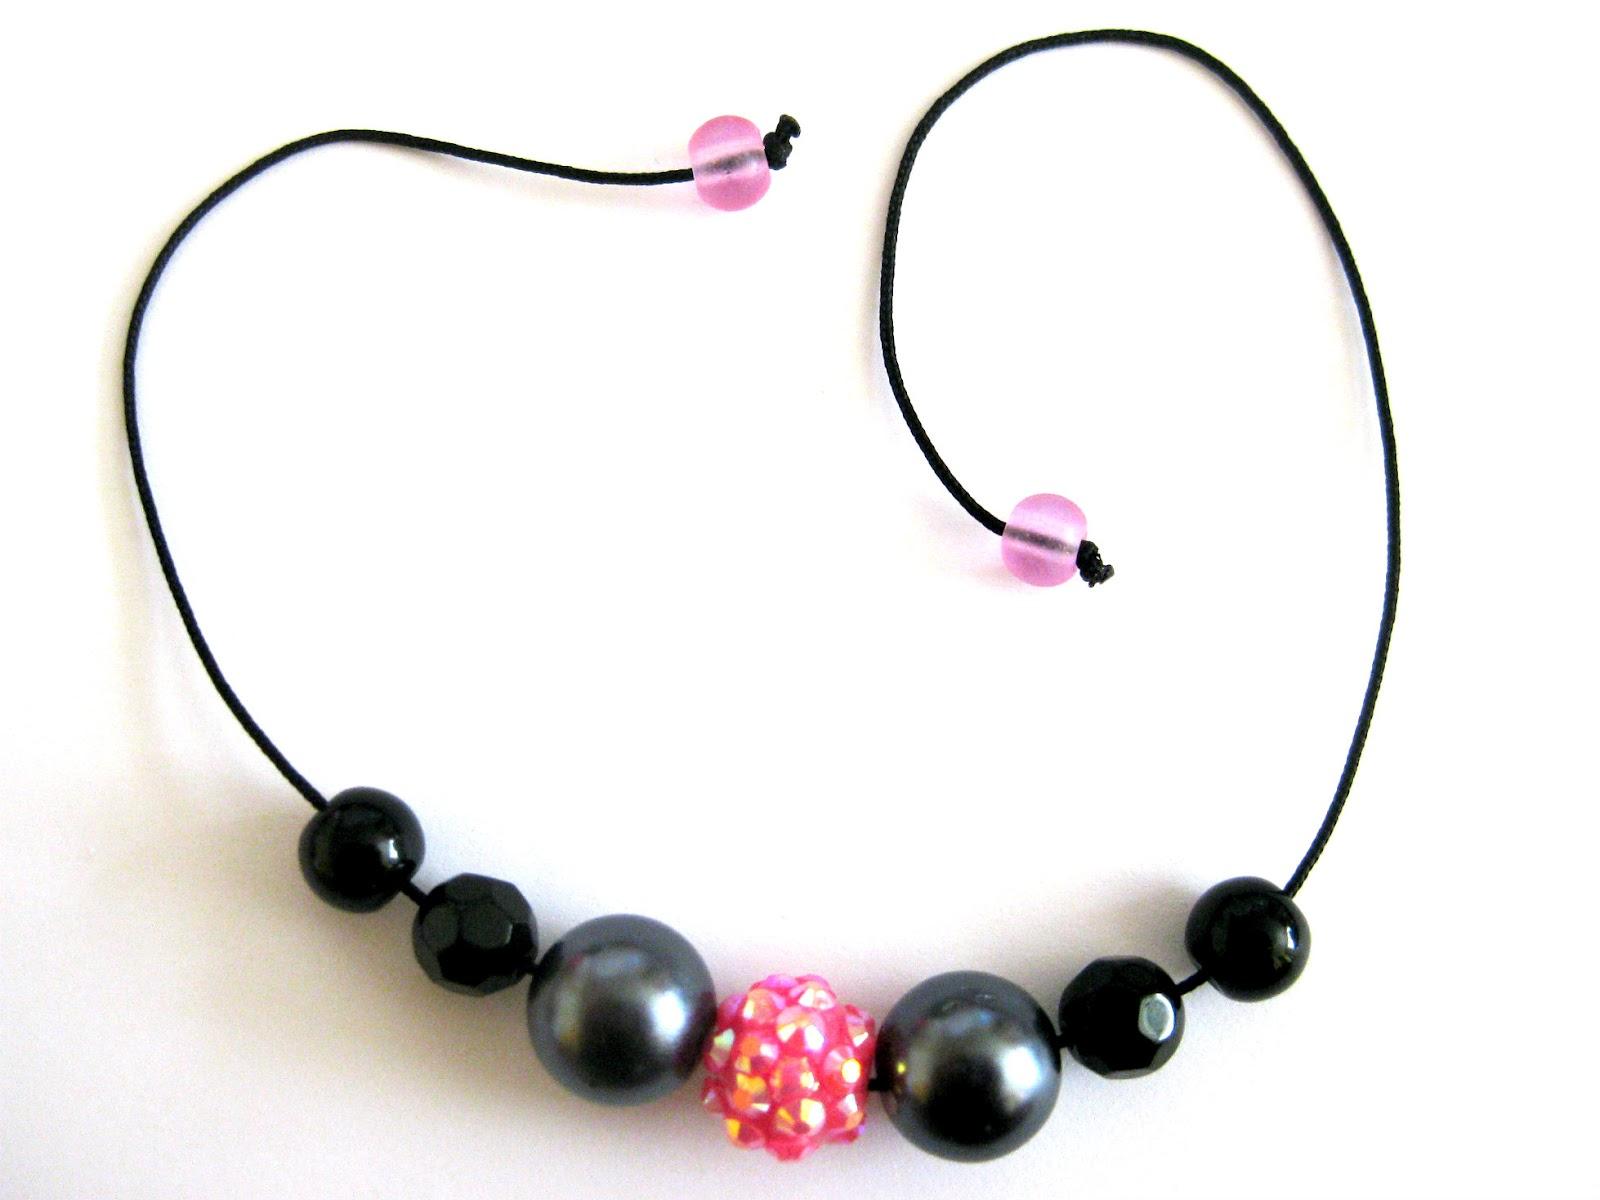 tutoriel : comment faire un bracelet shamballa - le blog de miss kawaii